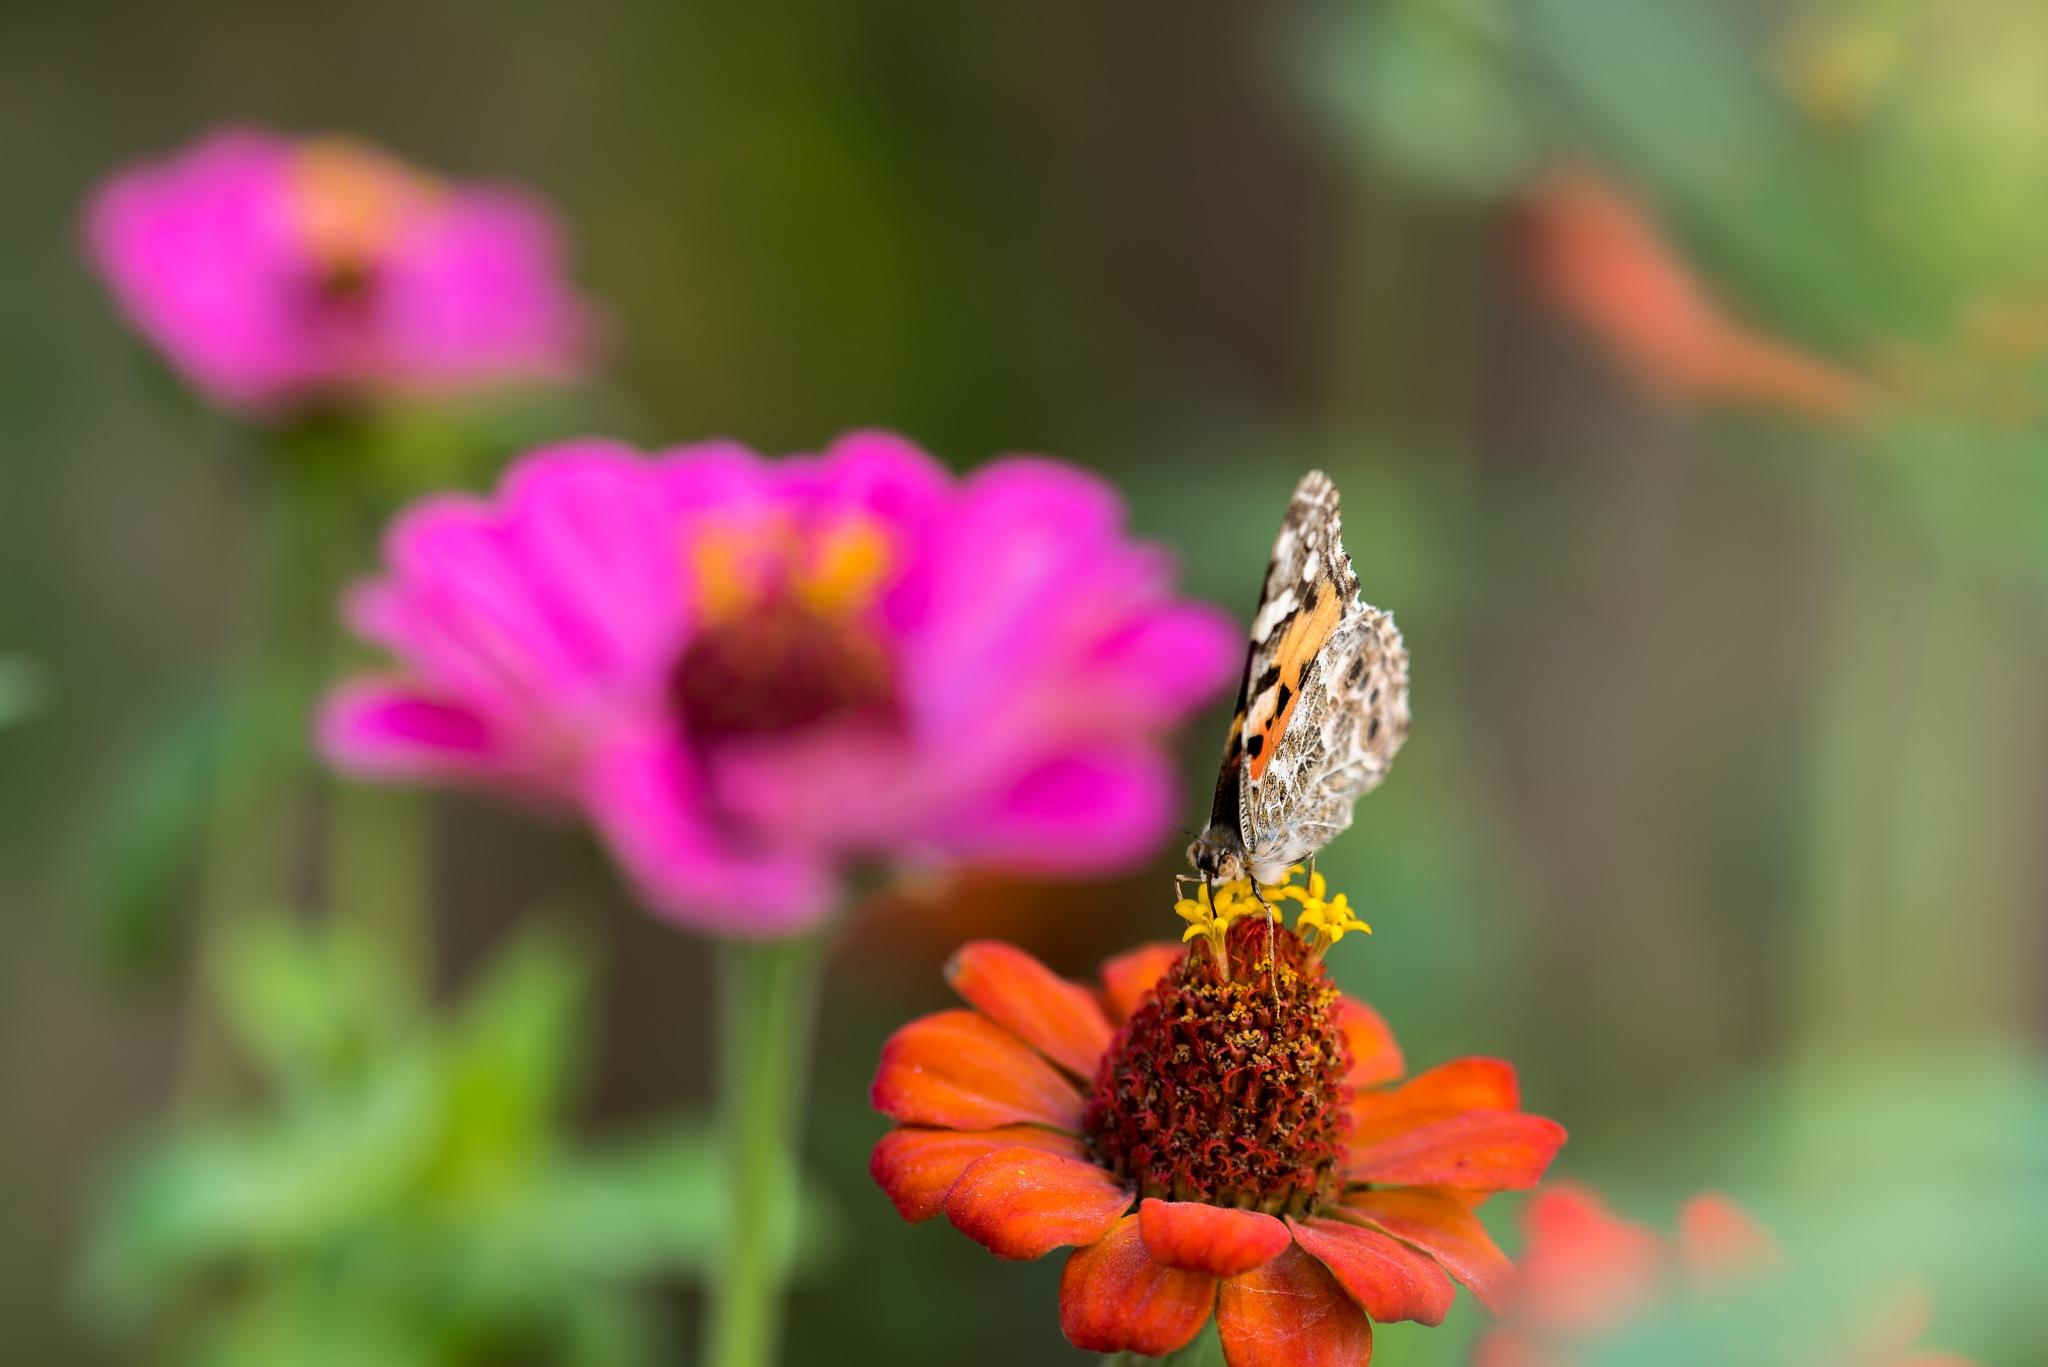 Schmetterling by Ali Abrar